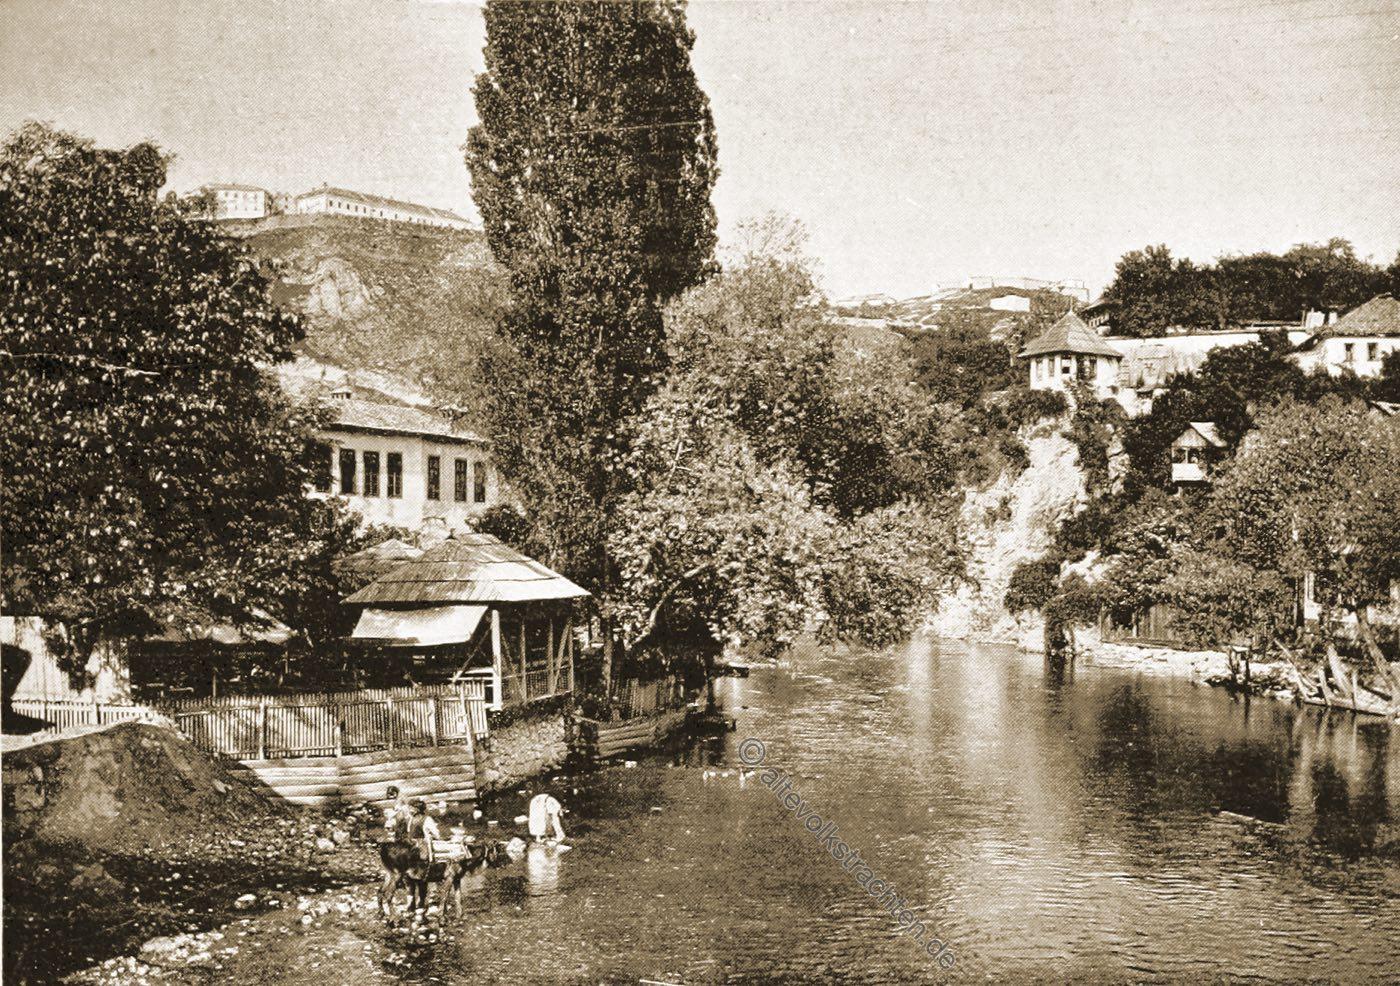 Sarajevo, Miliatchka, Bendbachi, Trachten, Bosnien, Herzegowina, Guillaume Capus, Reiseliteratur, Balkan